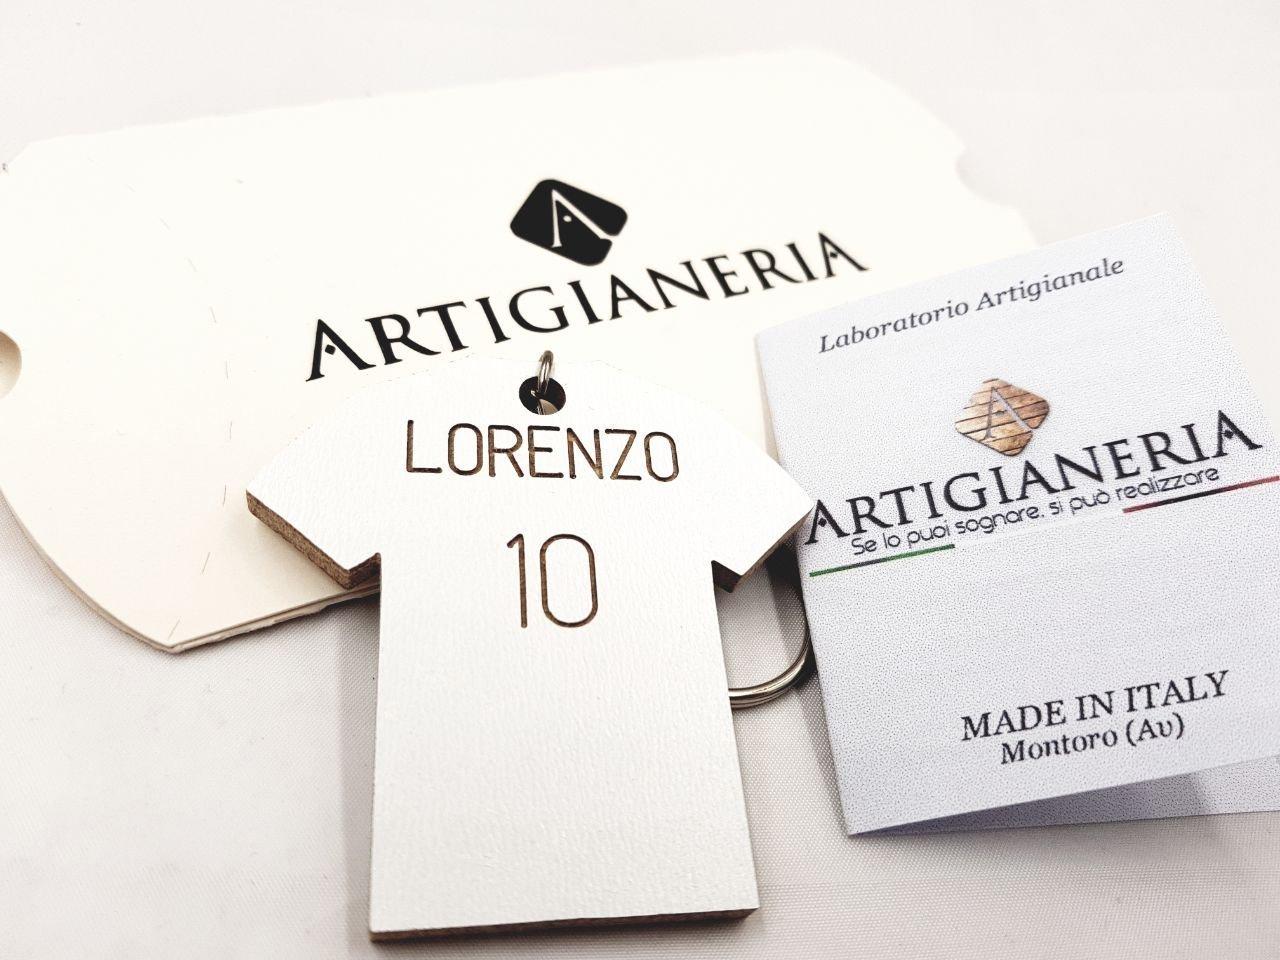 ArtigianeriA - Portachiavi in legno con il proprio nome e numero a forma di T-Shirt. Realizzato a mano interamente in Italia. Idea regalo per ogni occasione.